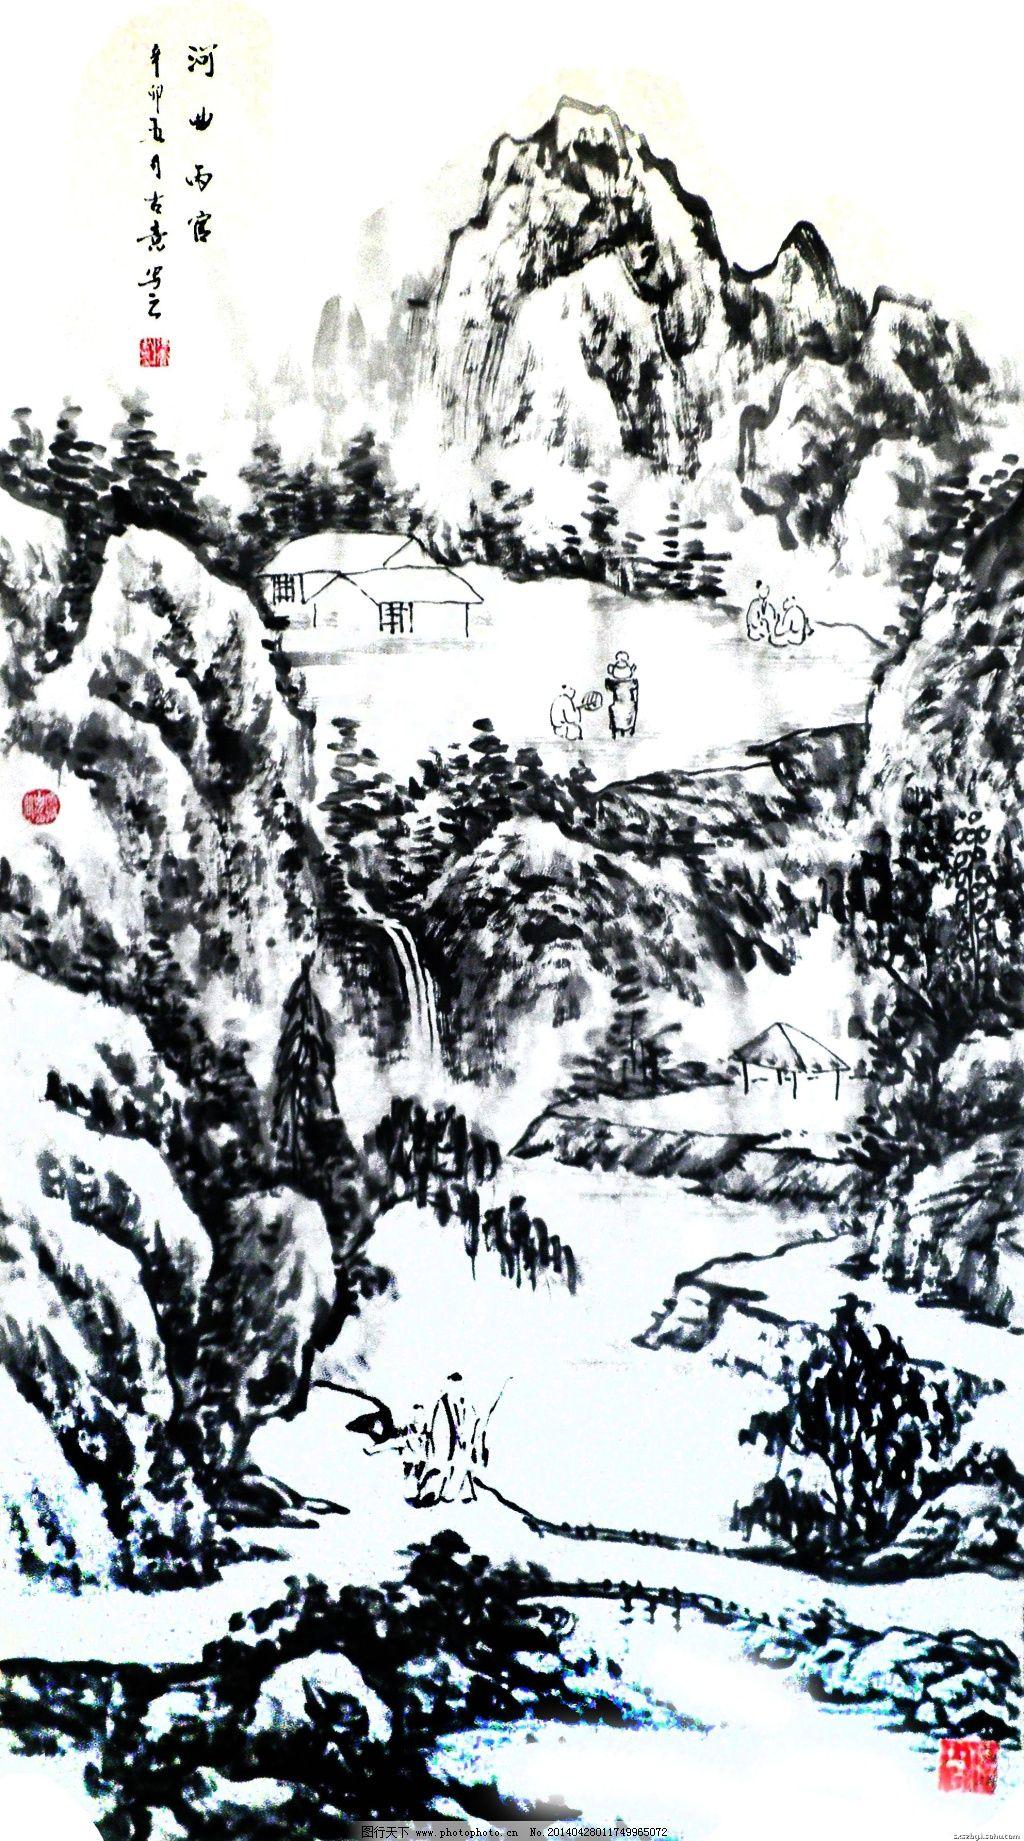 黑白风景画_黑白山水_山水风景画_装饰素材_图行天下图库